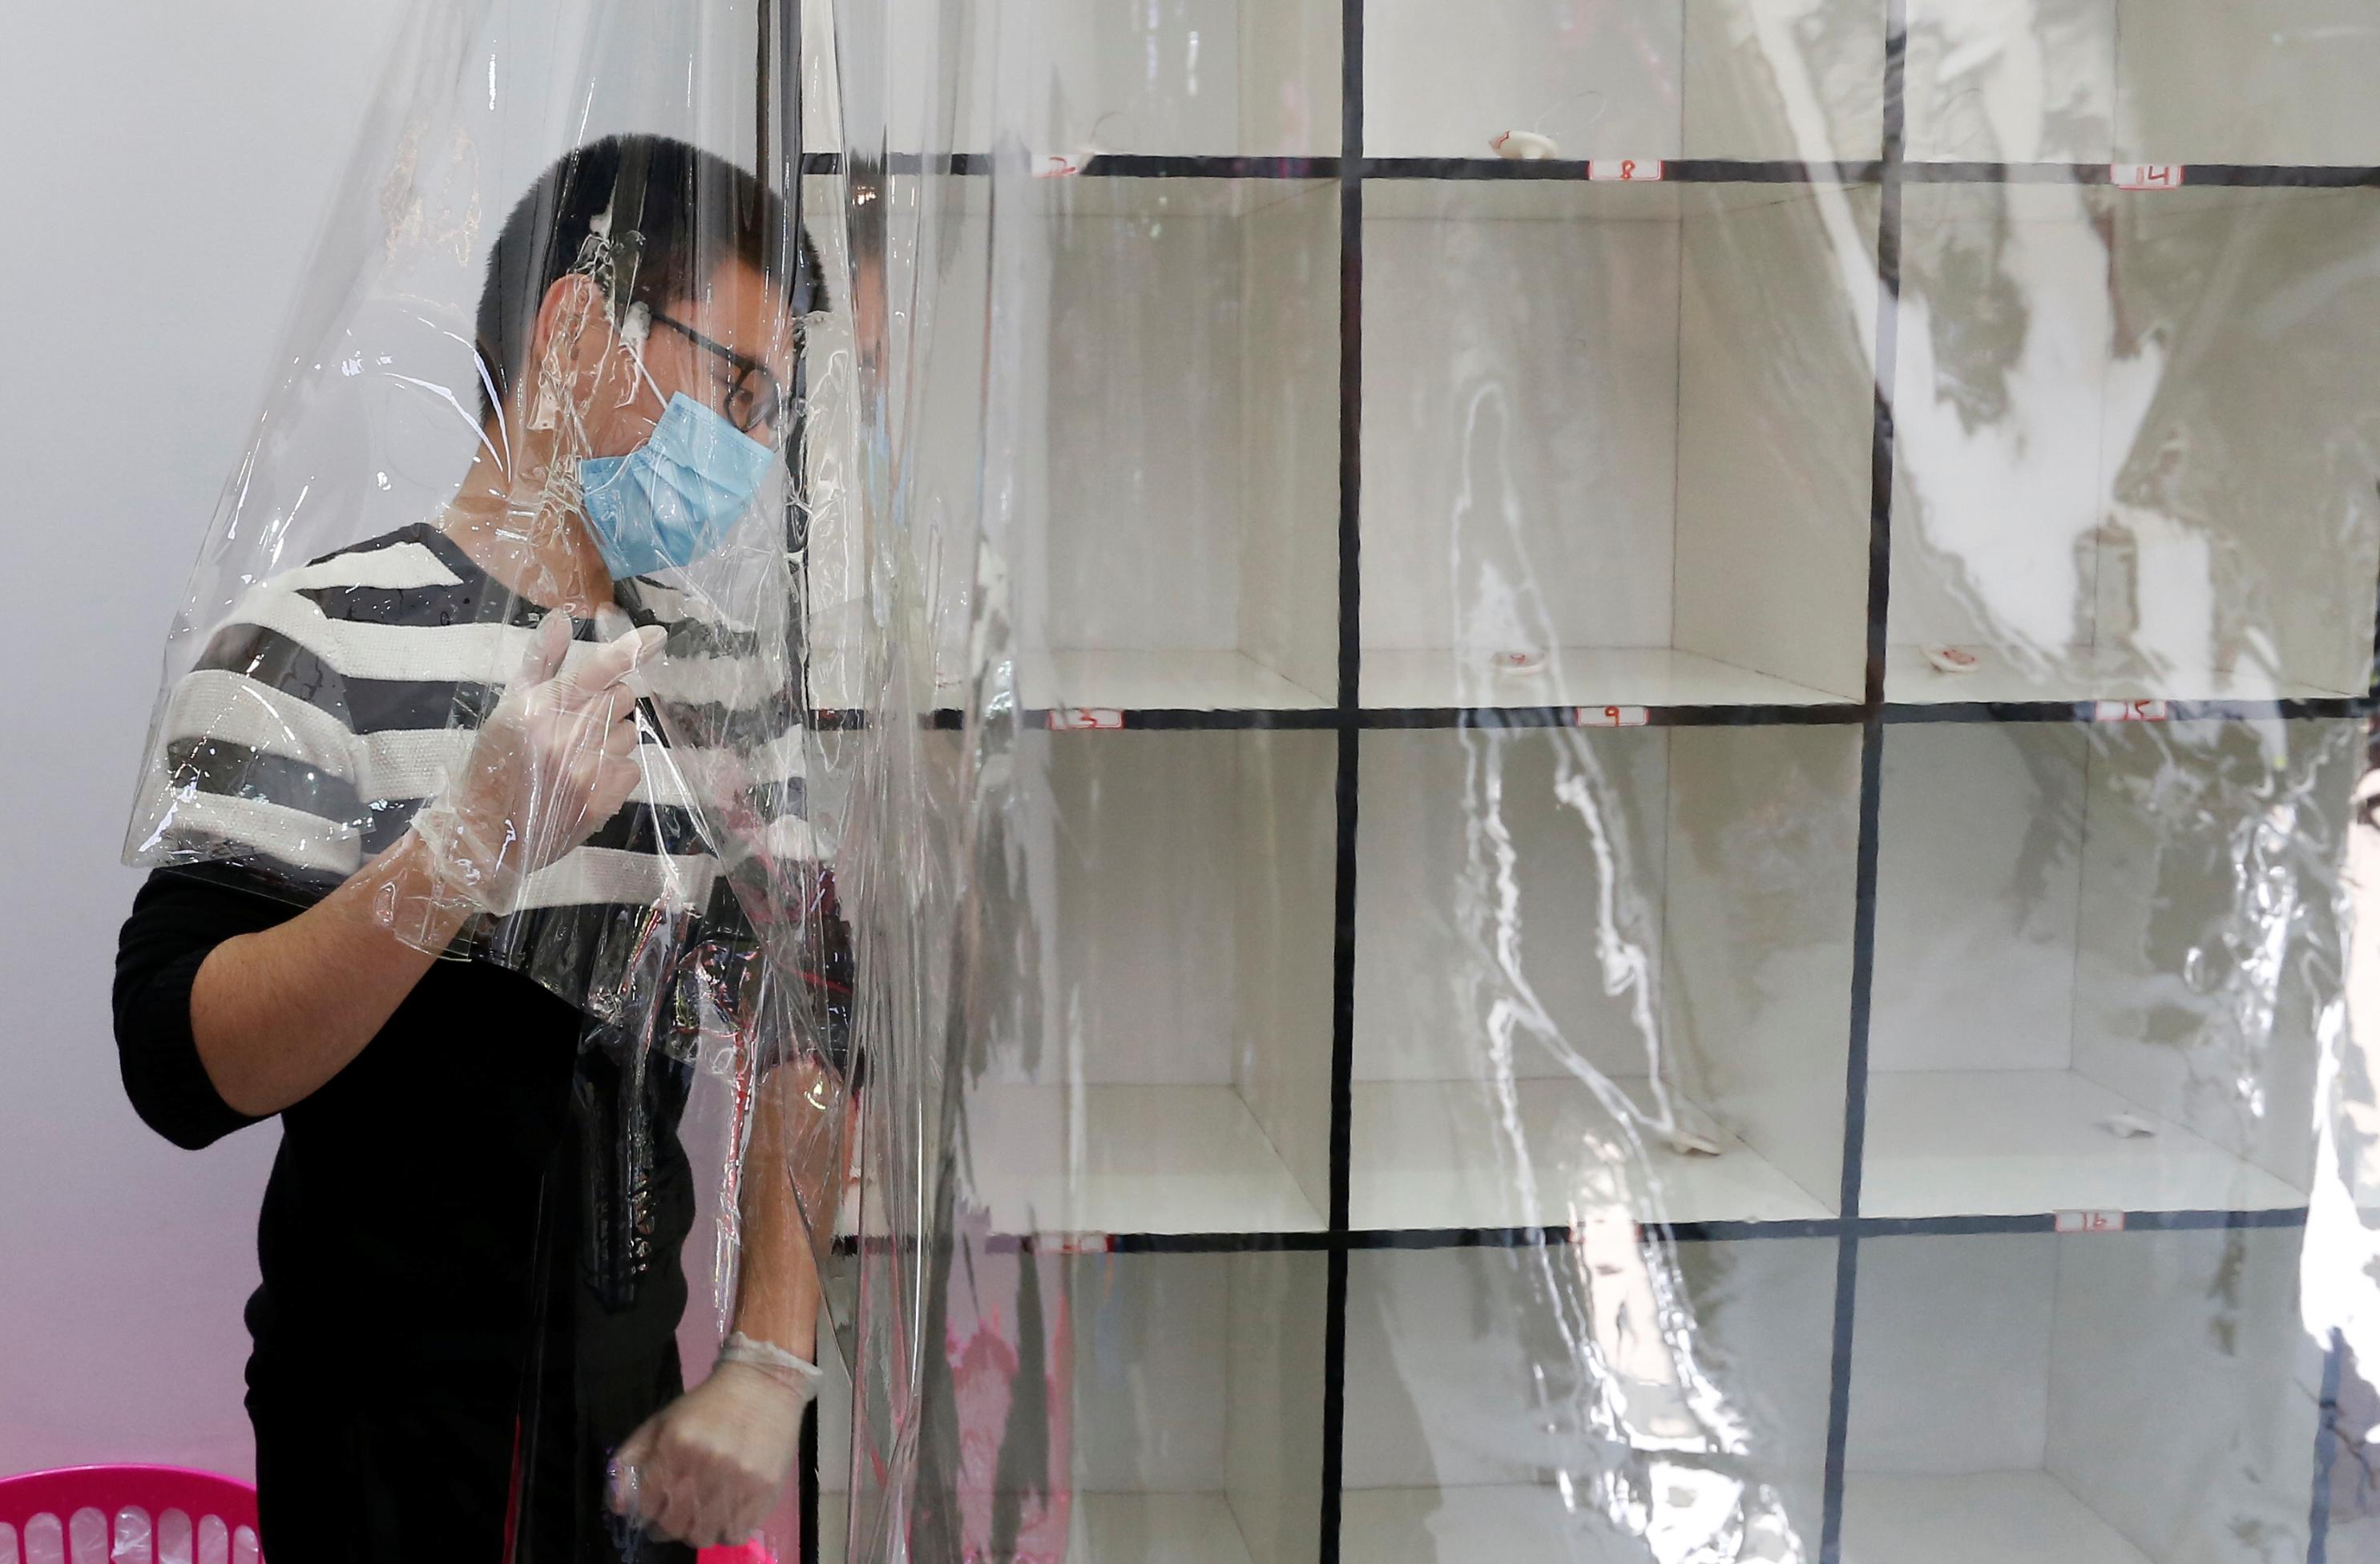 Chileno usa máscara contra novo coronavírus